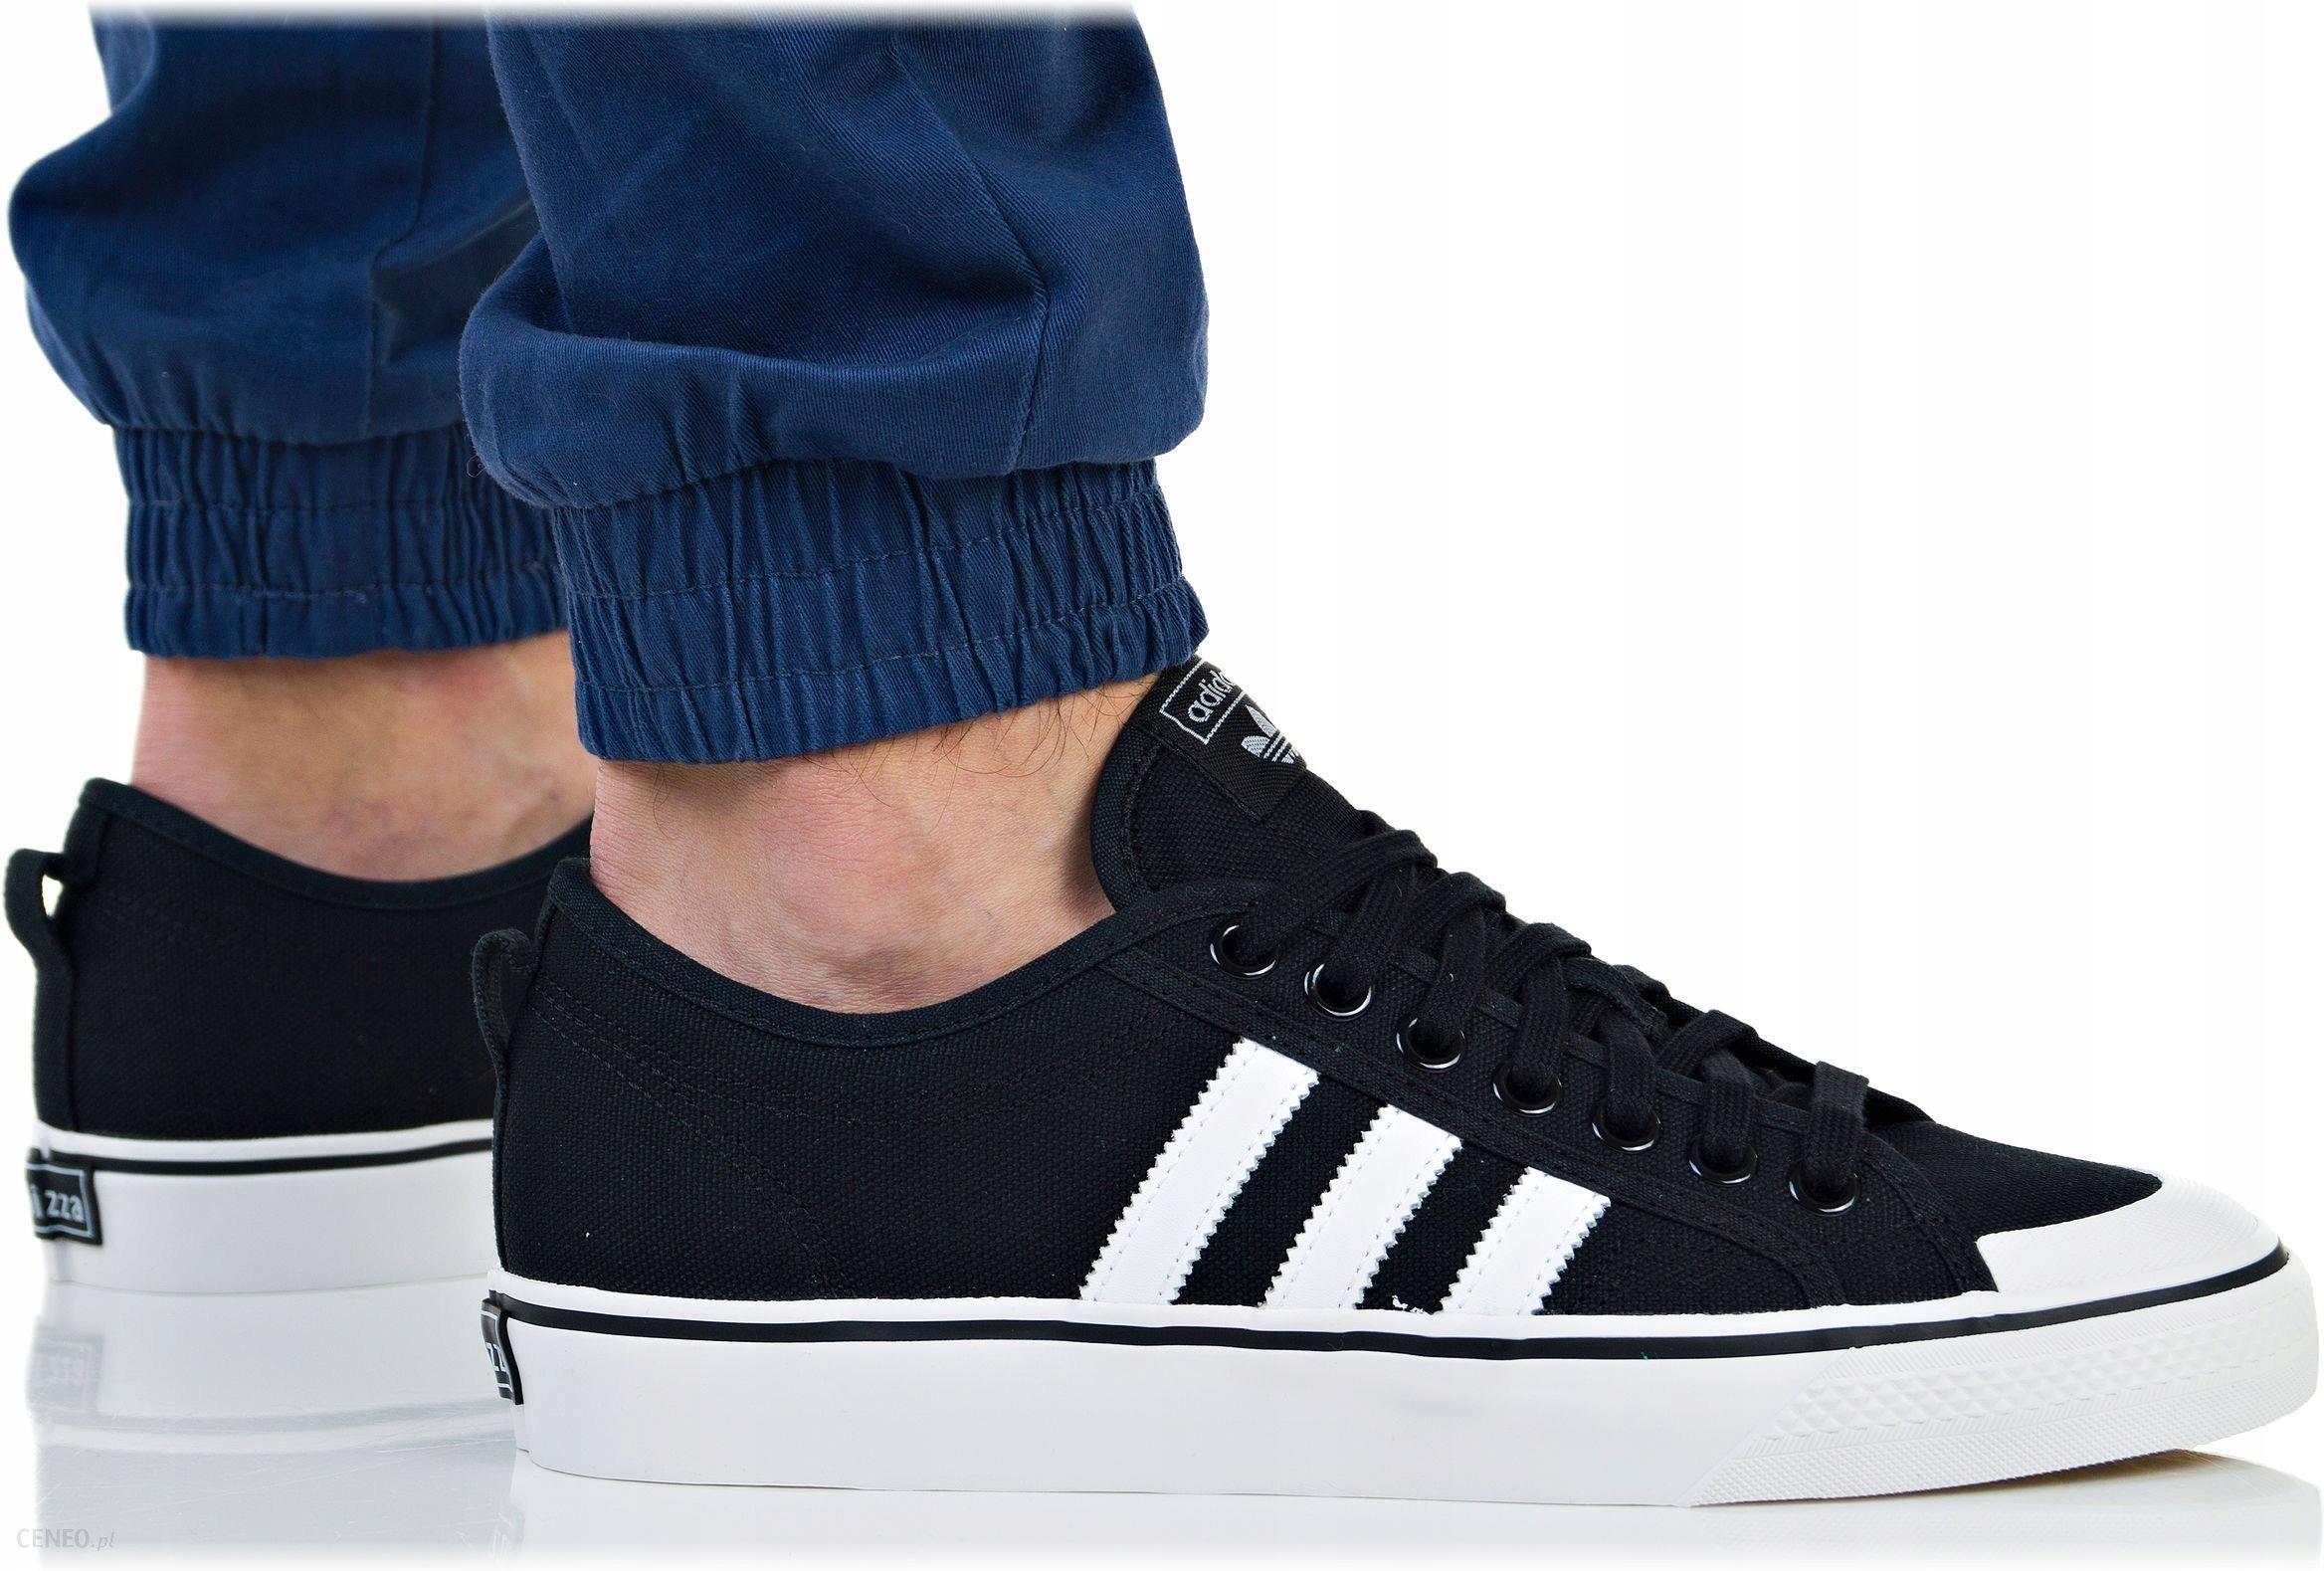 Buty Adidas Męskie Nizza BZ0495 Trampki Czarne Ceny i opinie Ceneo.pl